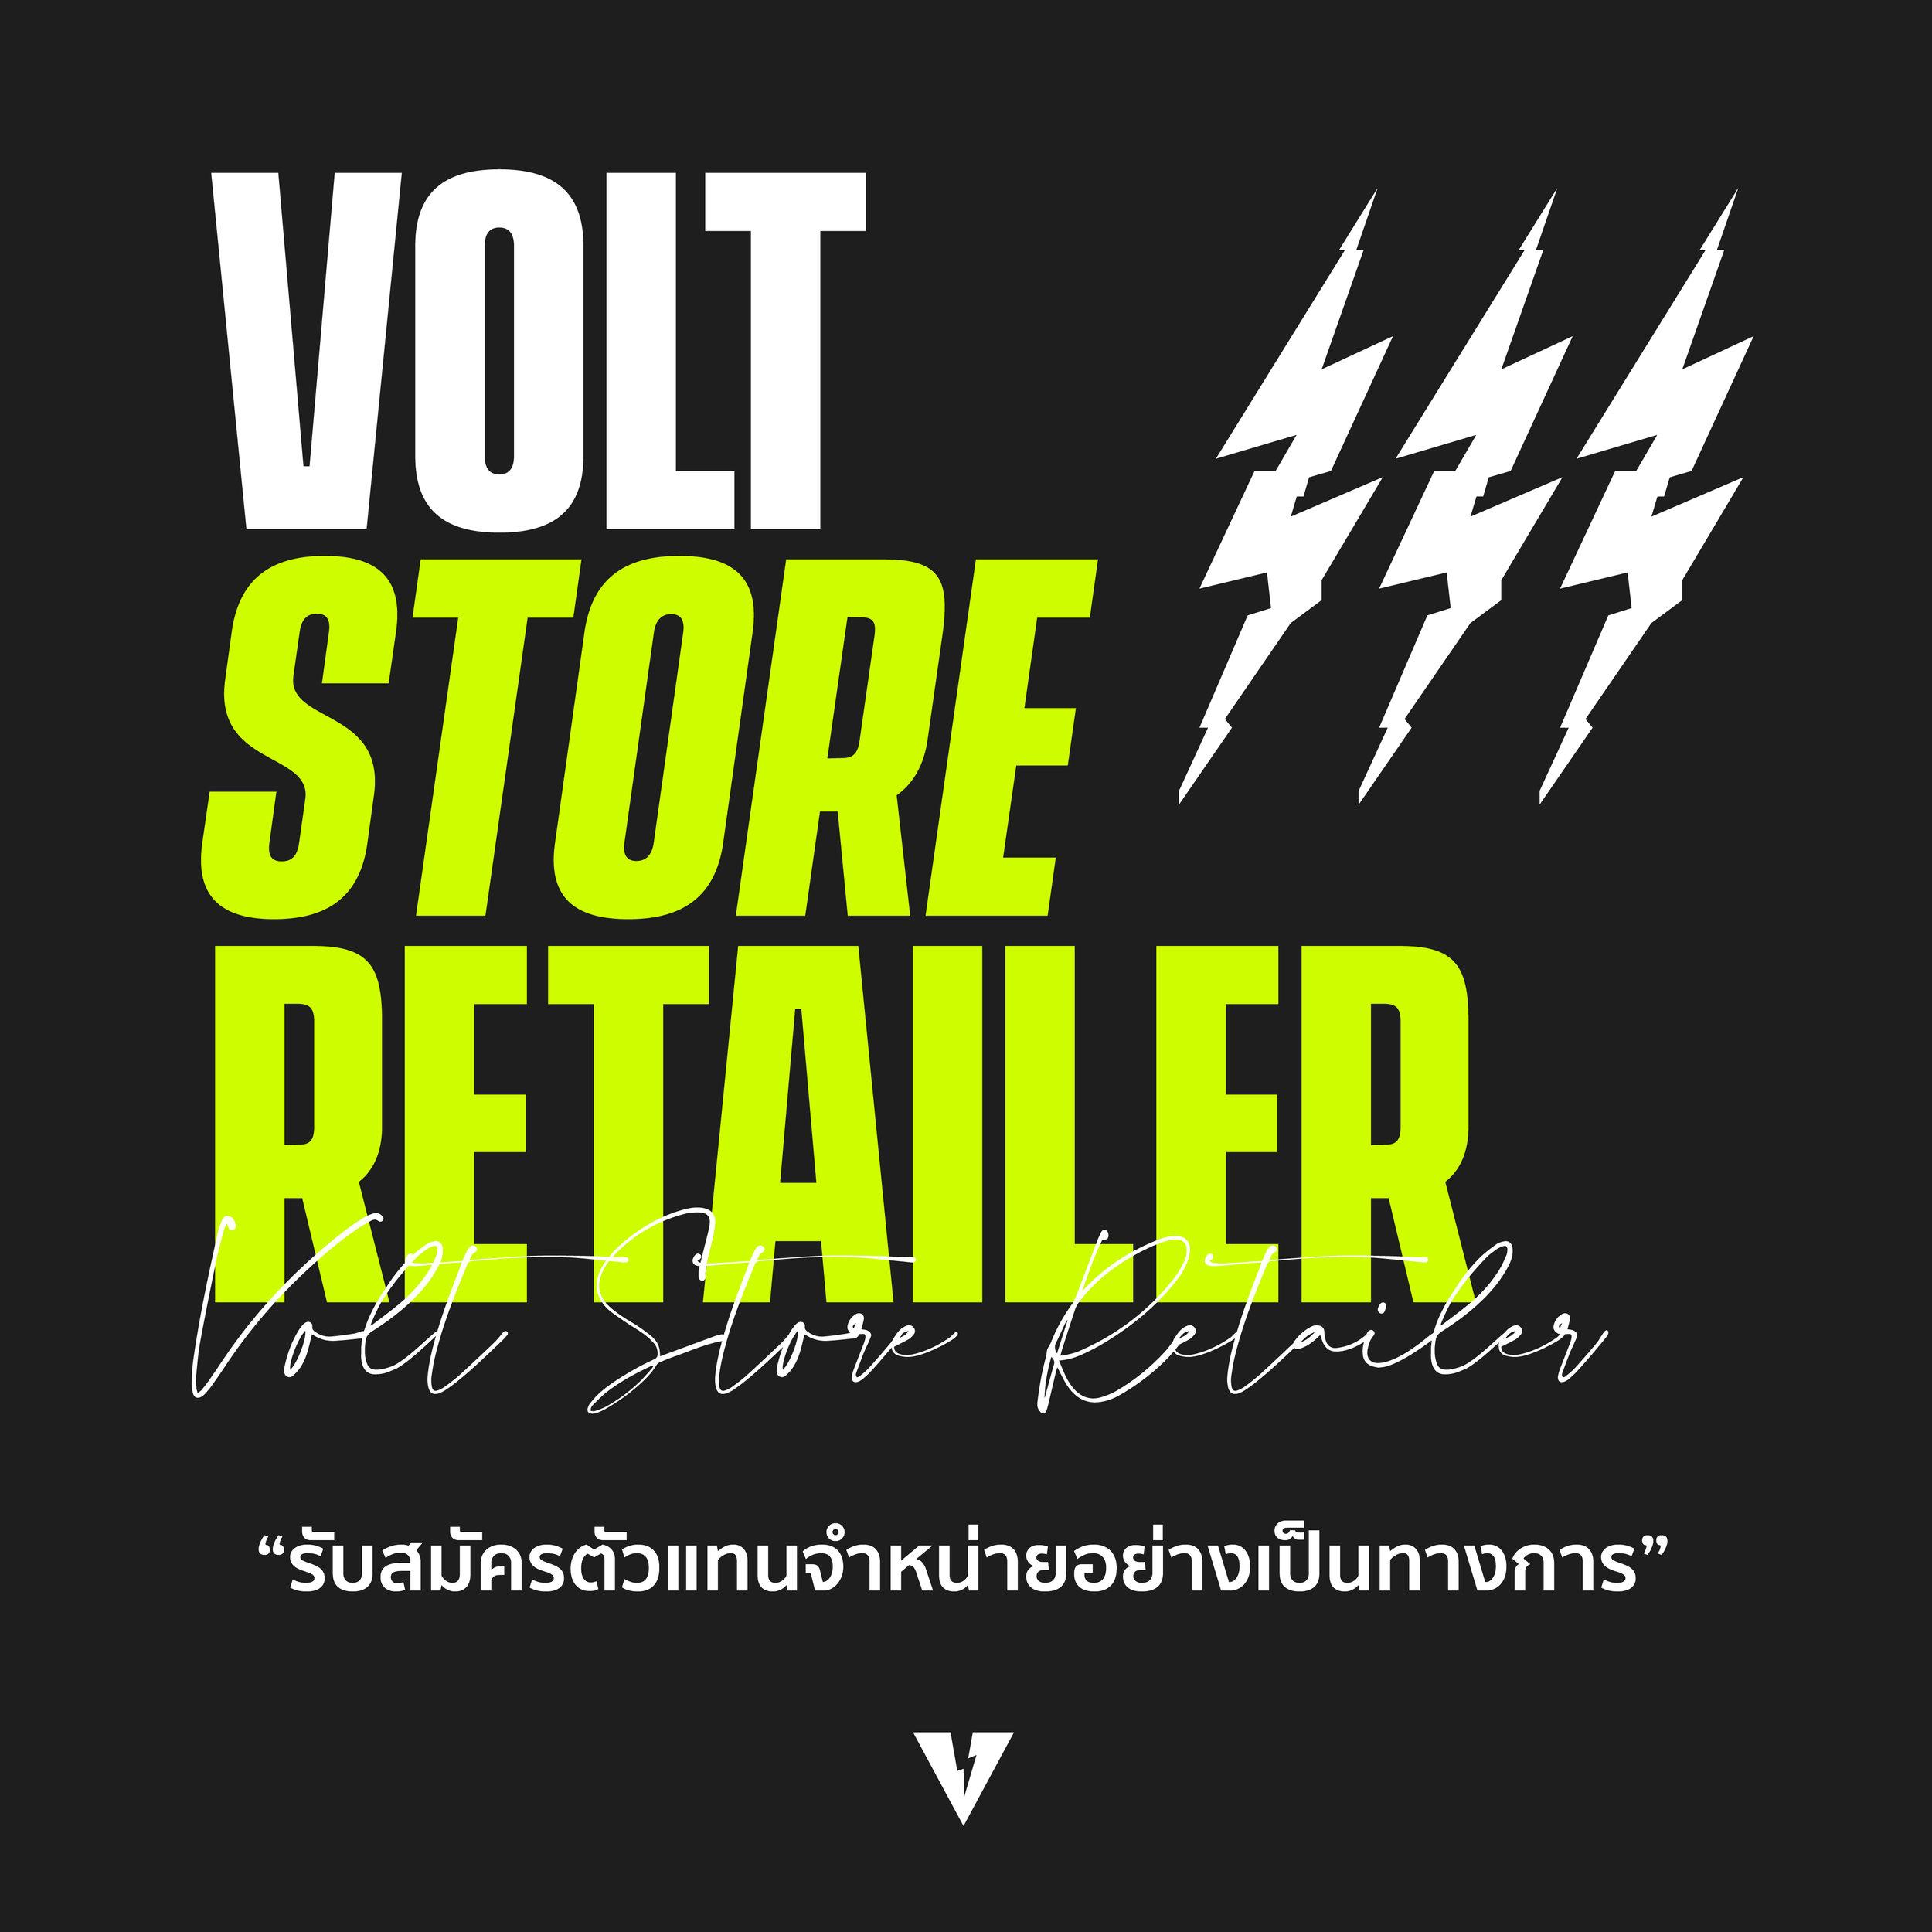 VoltStoreRetailer-02.jpg